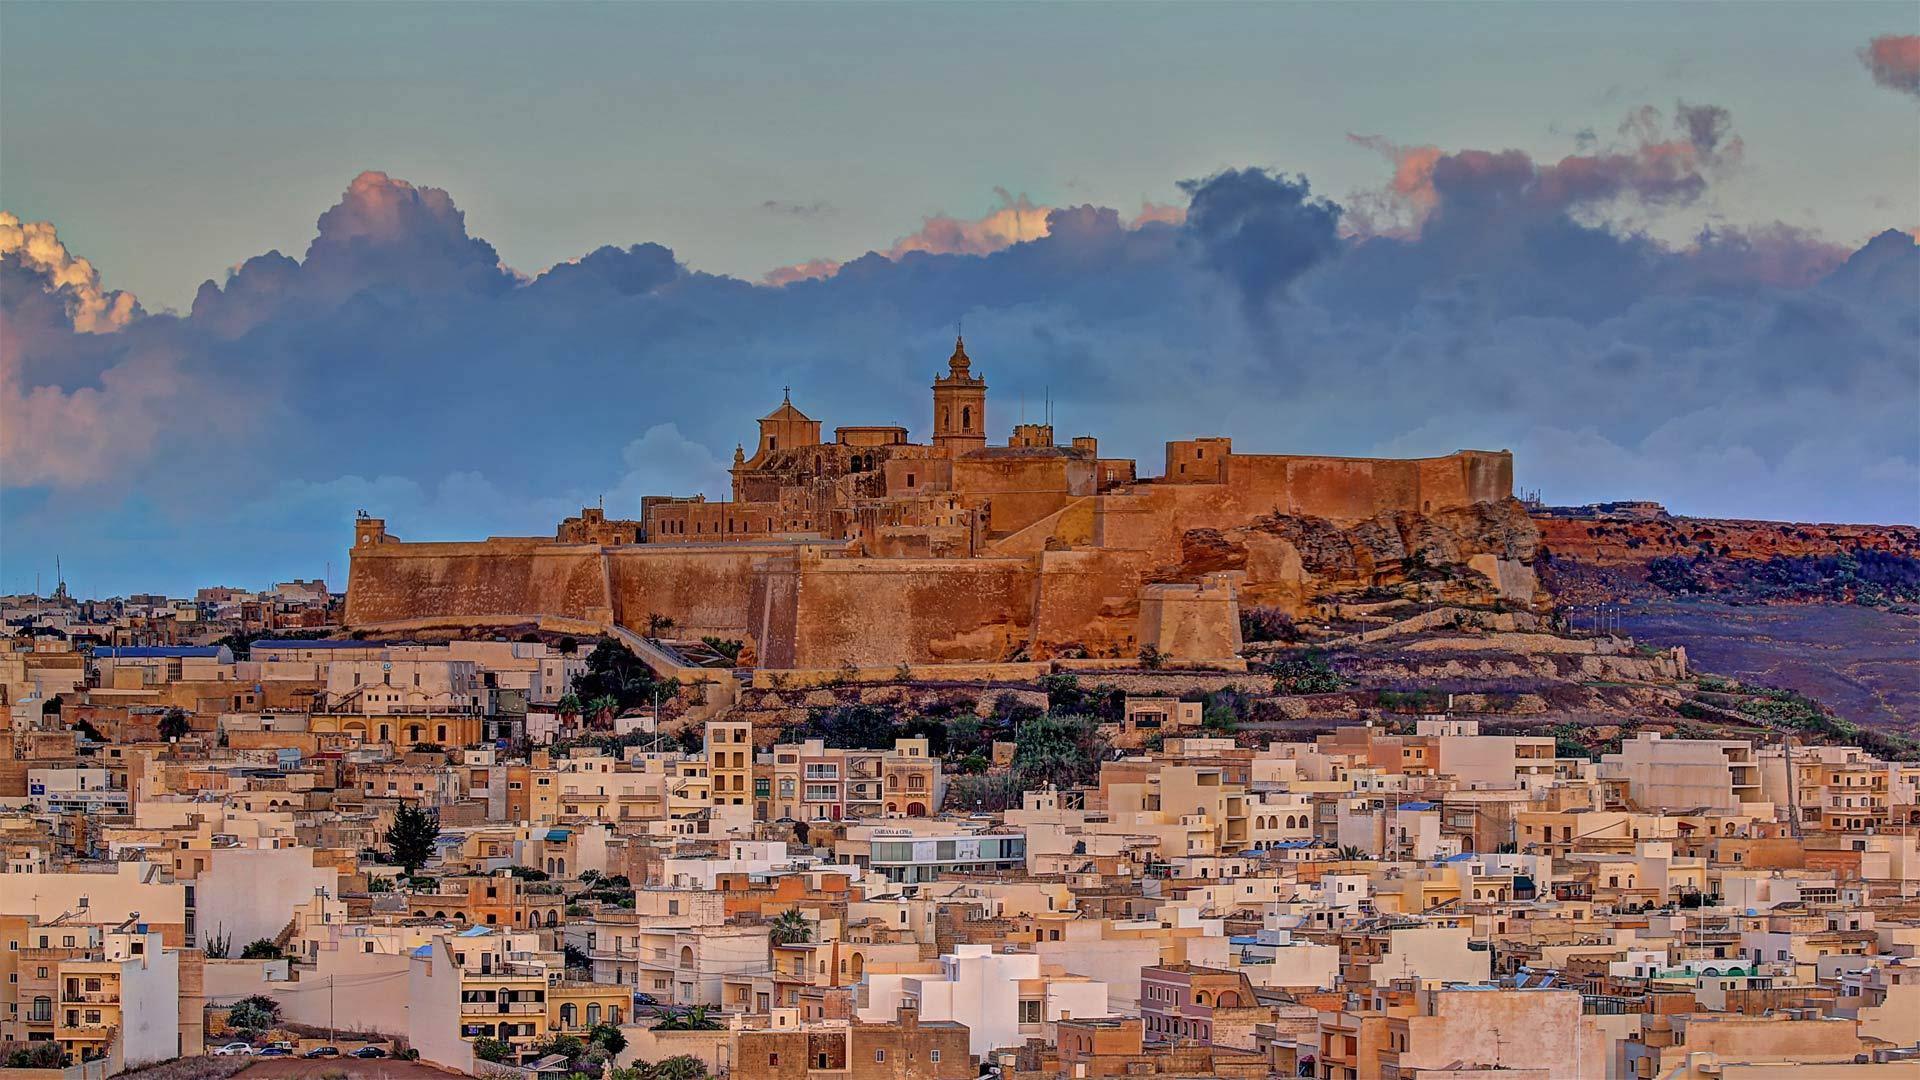 马耳他戈佐岛上的Cittadella城堡马耳他戈佐岛